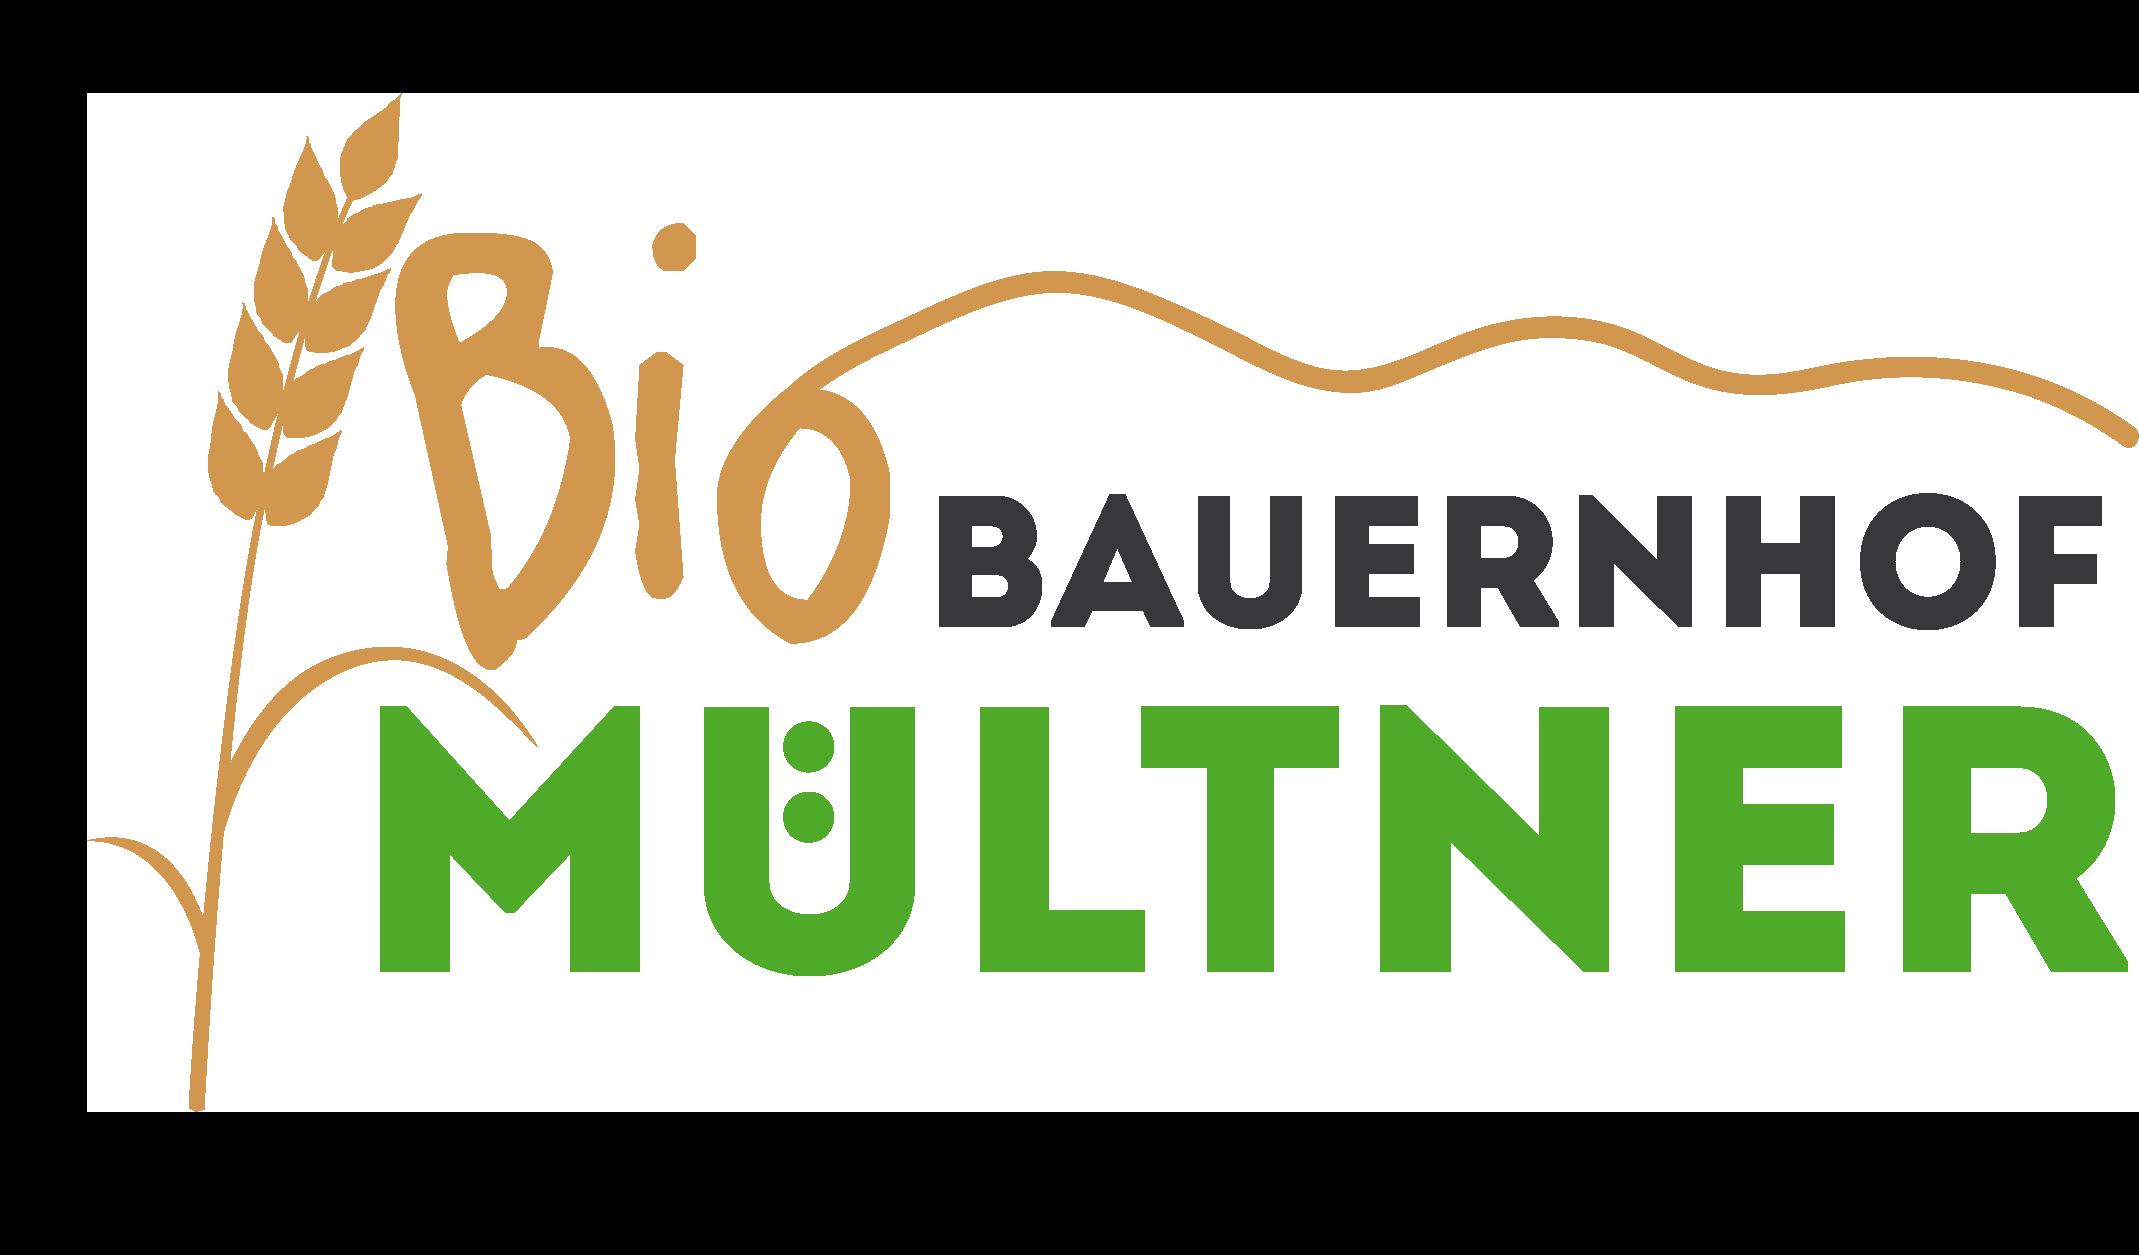 Bio-Bauernhof Mültner